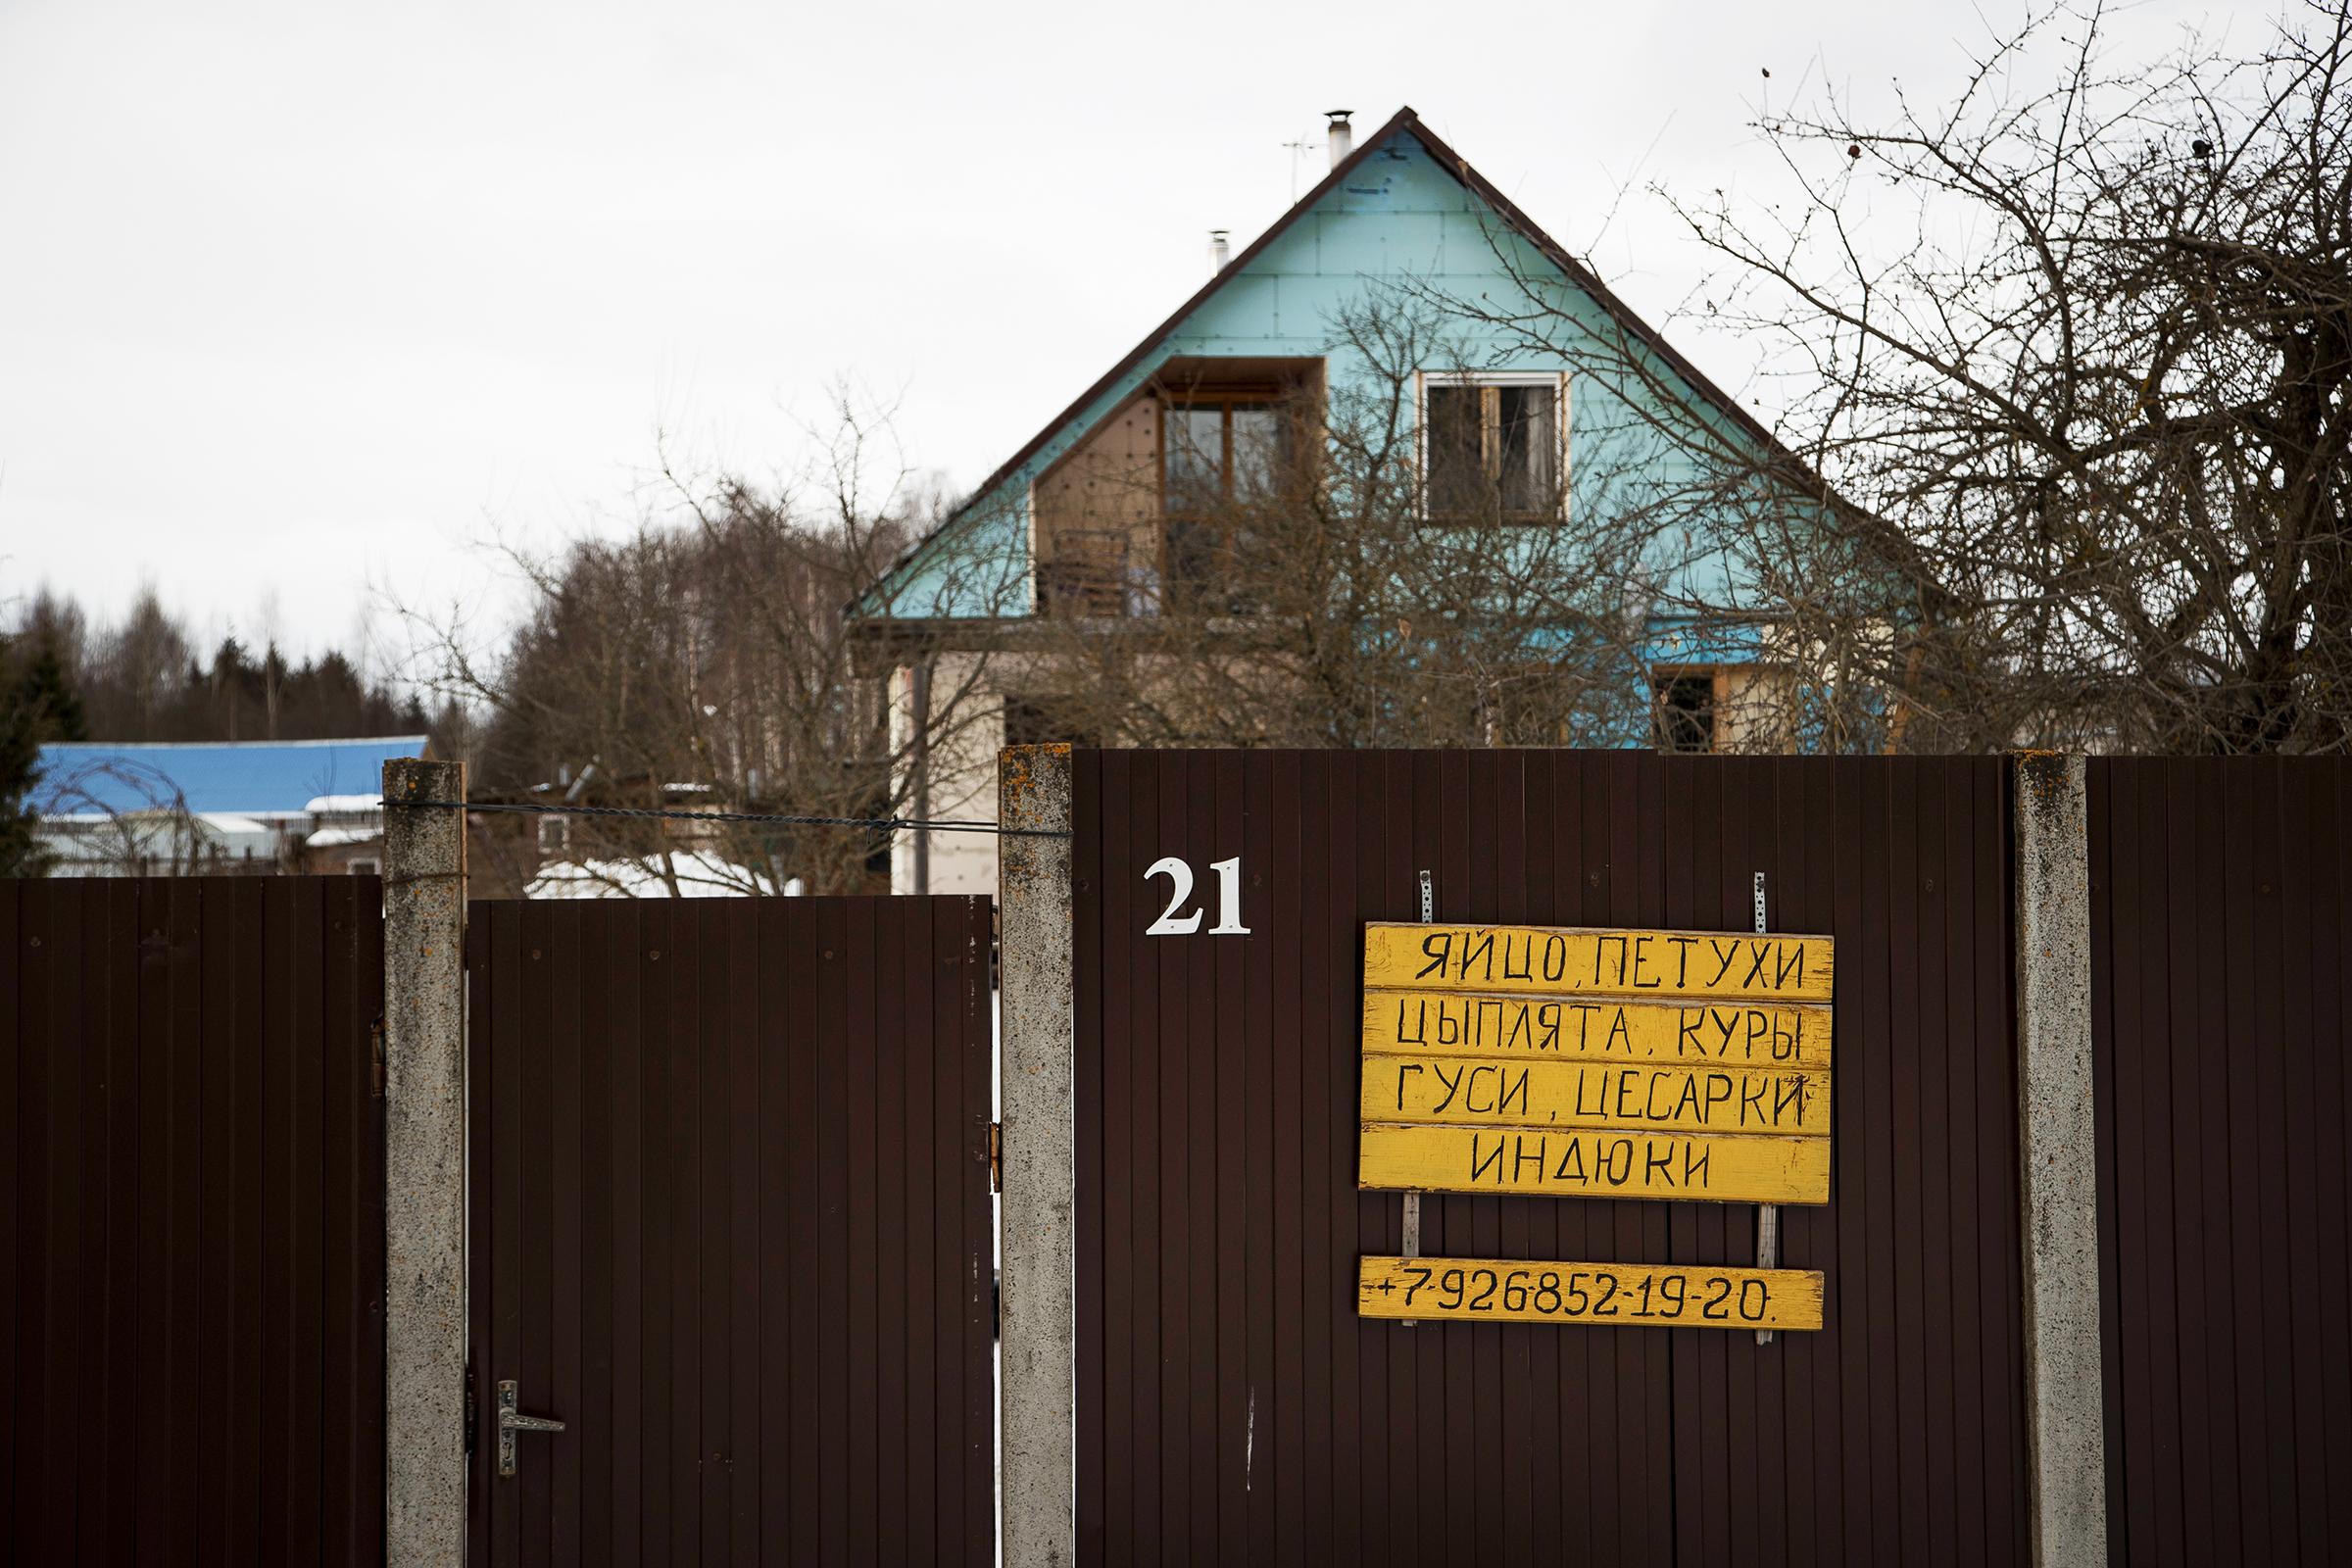 Деревня Ядрово с населением около 150 человек находится примерно в 6км от Волоколамска. Менее чем в километре от жилых домов — одноименный мусорный полигон, созданный там в конце 70-х годов прошлого века.